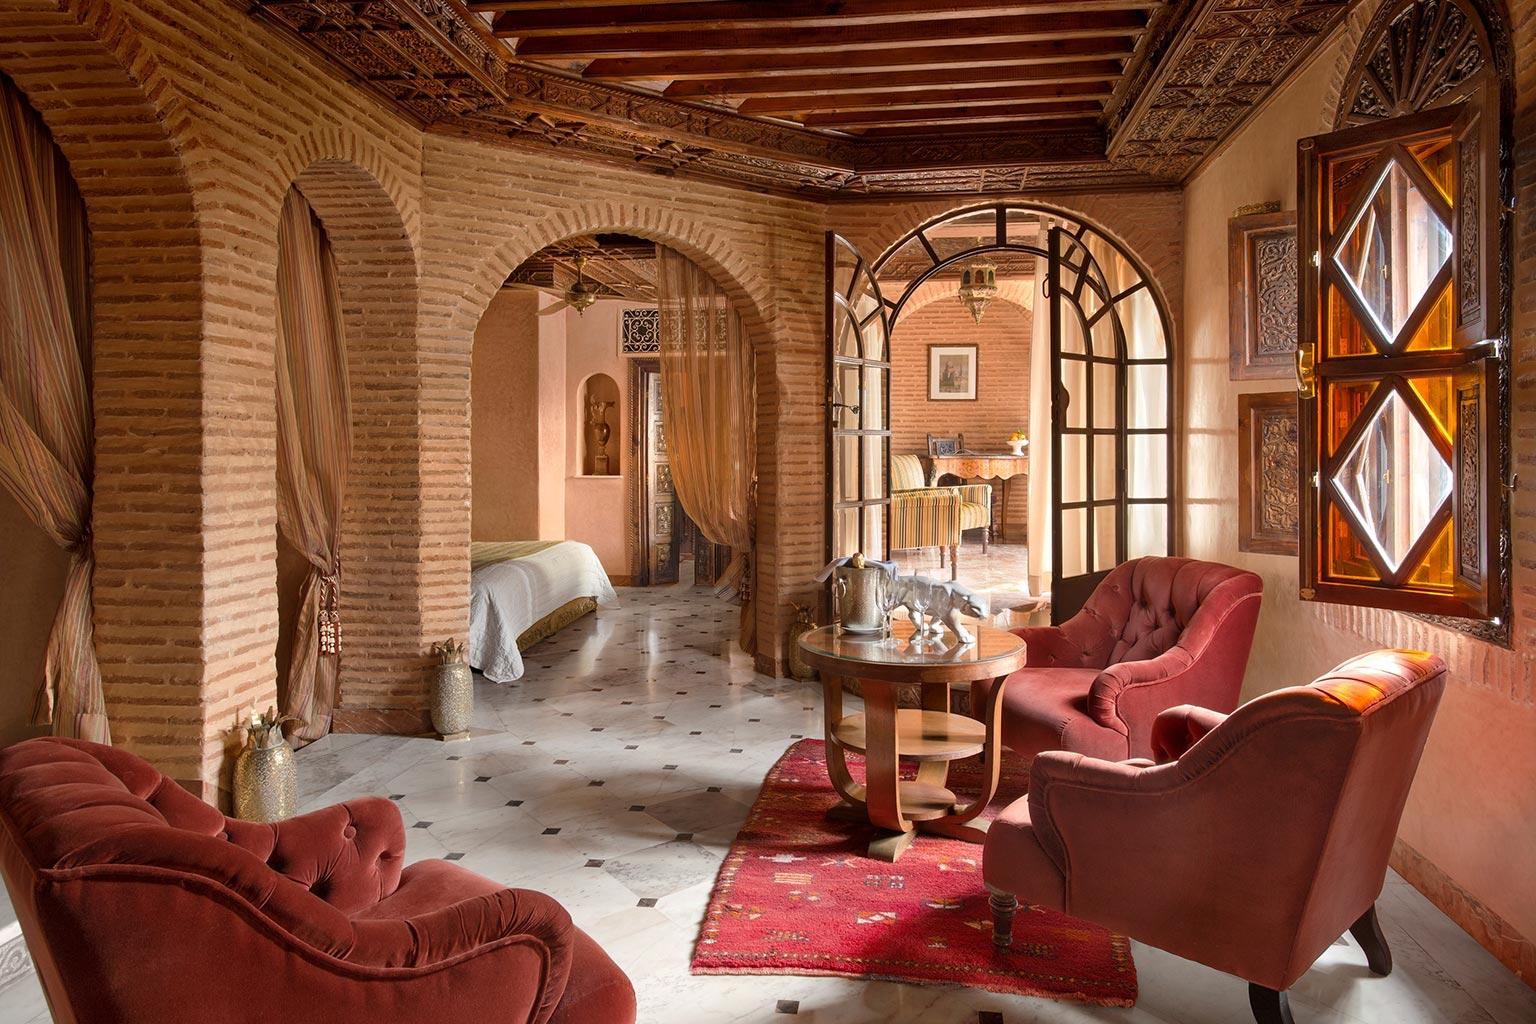 Awesome Der Marokkanische Stil 33 Orientalische Wohnraume Mit ...